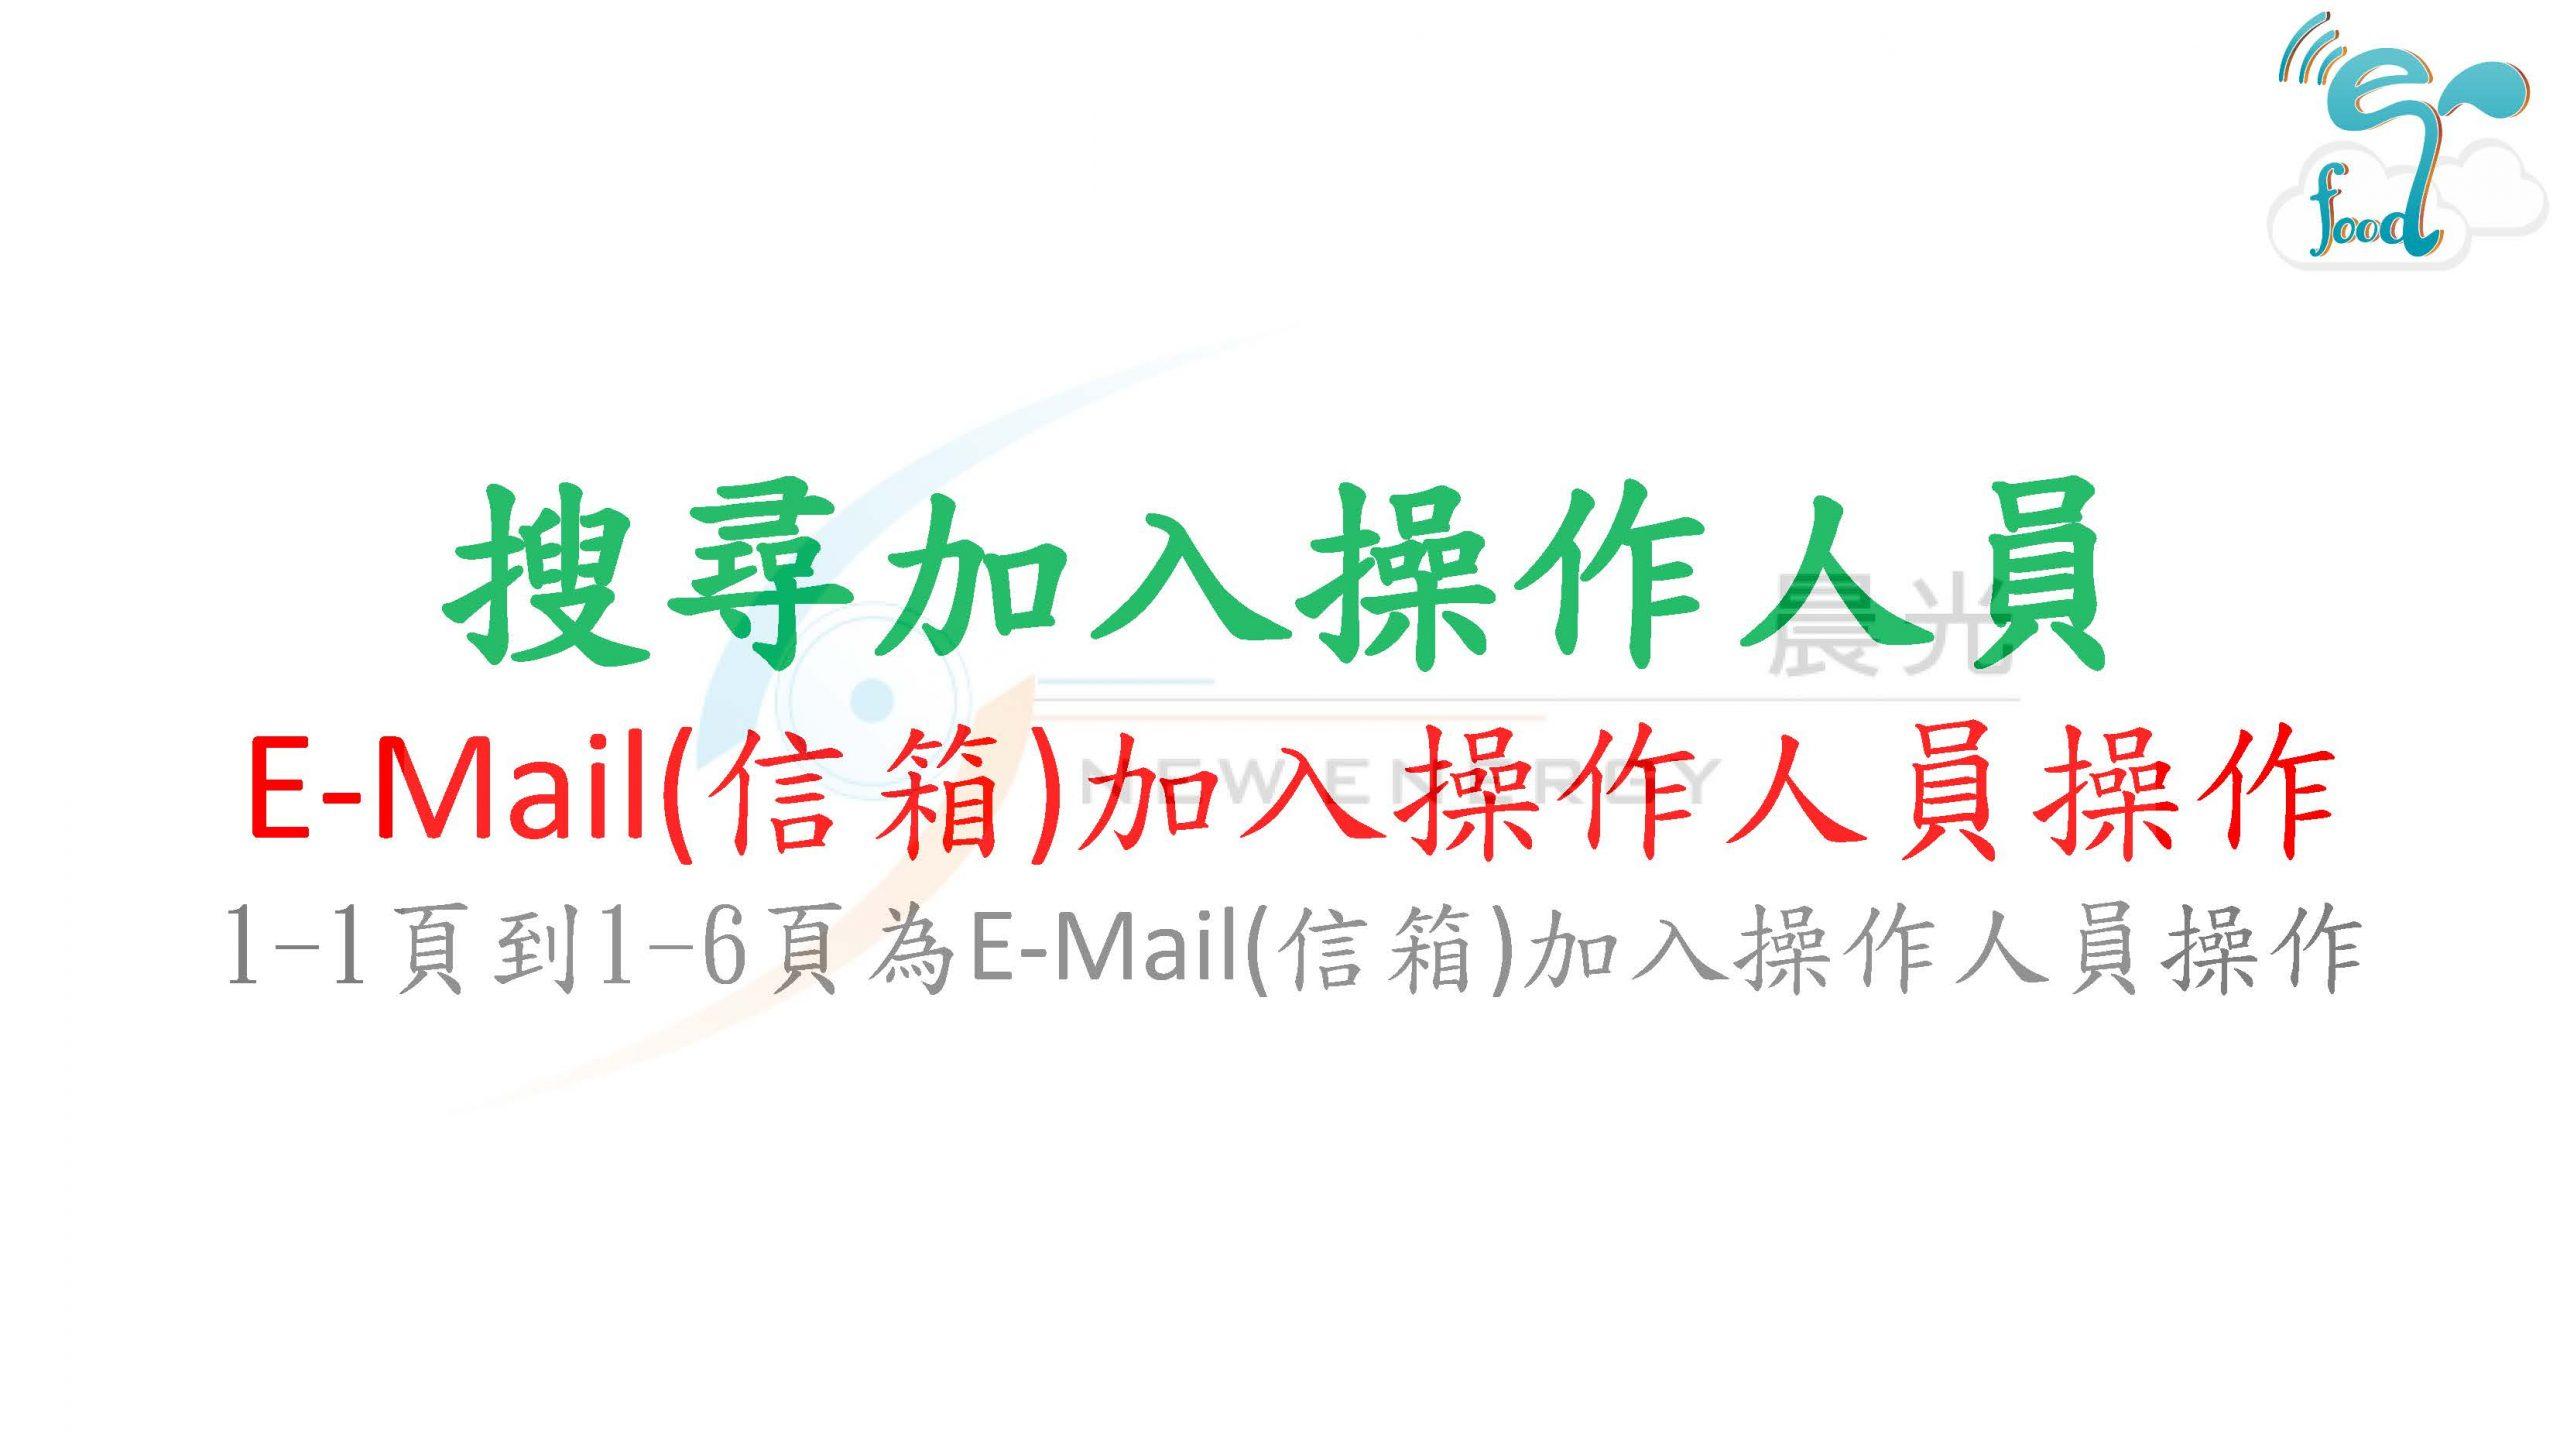 真食呈現,組織管理,管理成員,操作人員,搜尋加入操作人員,E-Mail(信箱)